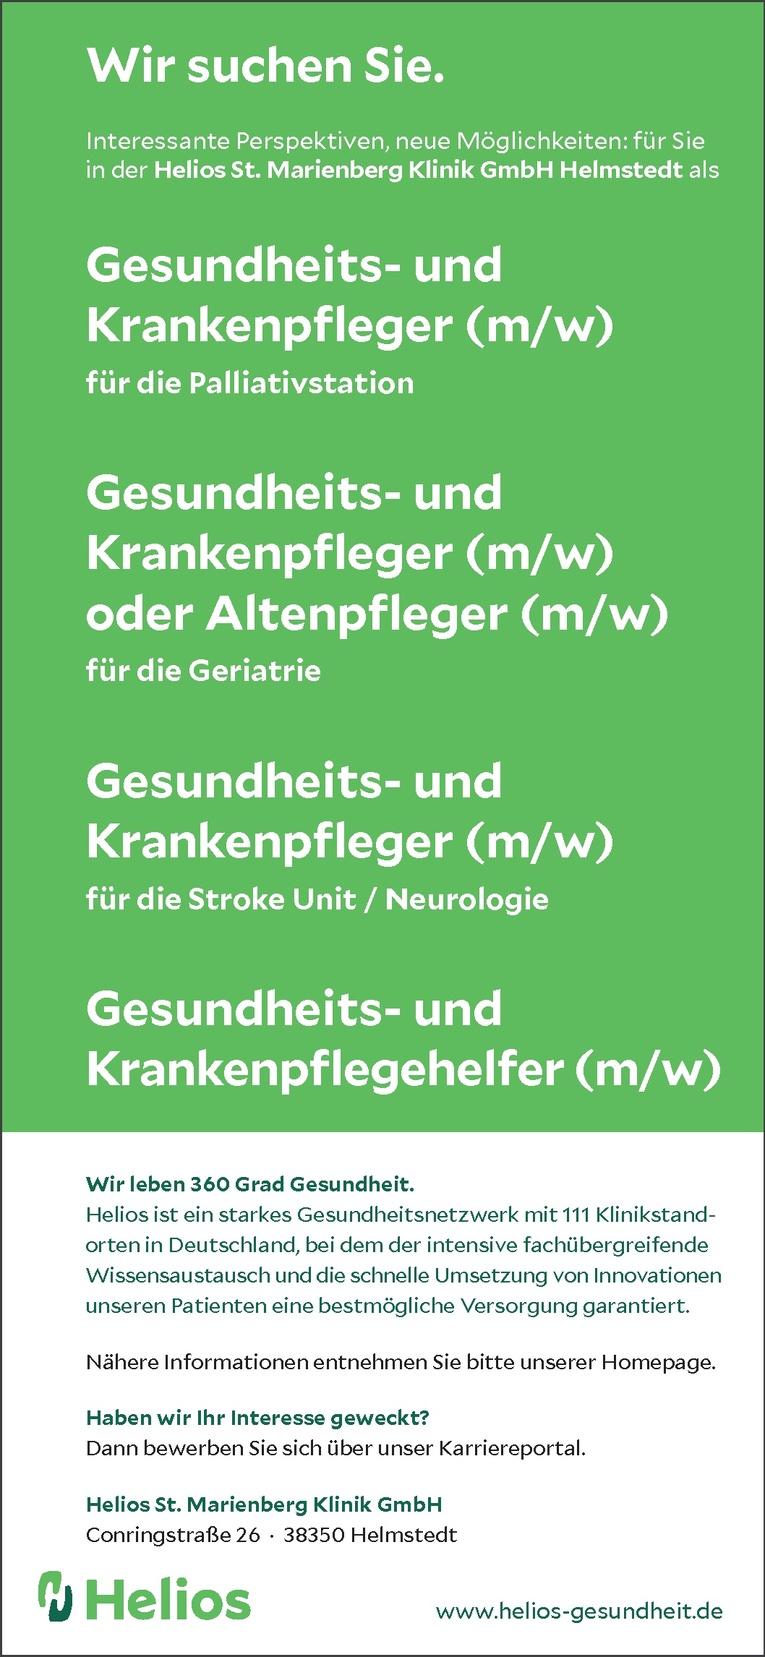 Gesundheits- und Krankenpflegehelfer (m/w)